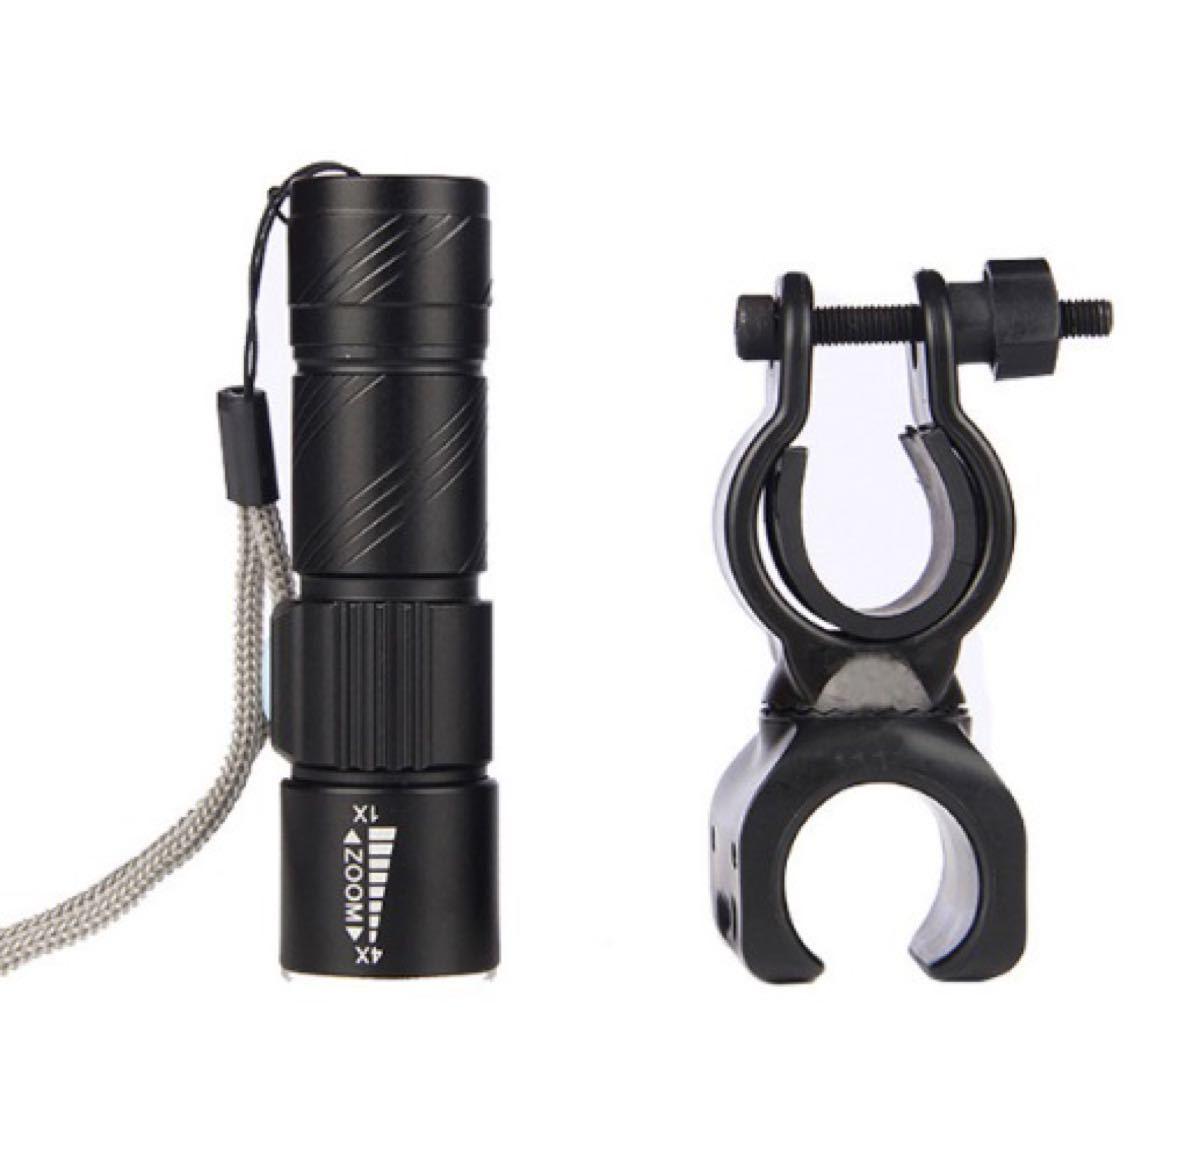 ☆ホルダー付き☆サイクリング &アウトドア USB充電 懐中電灯 led 強力 防水 携帯